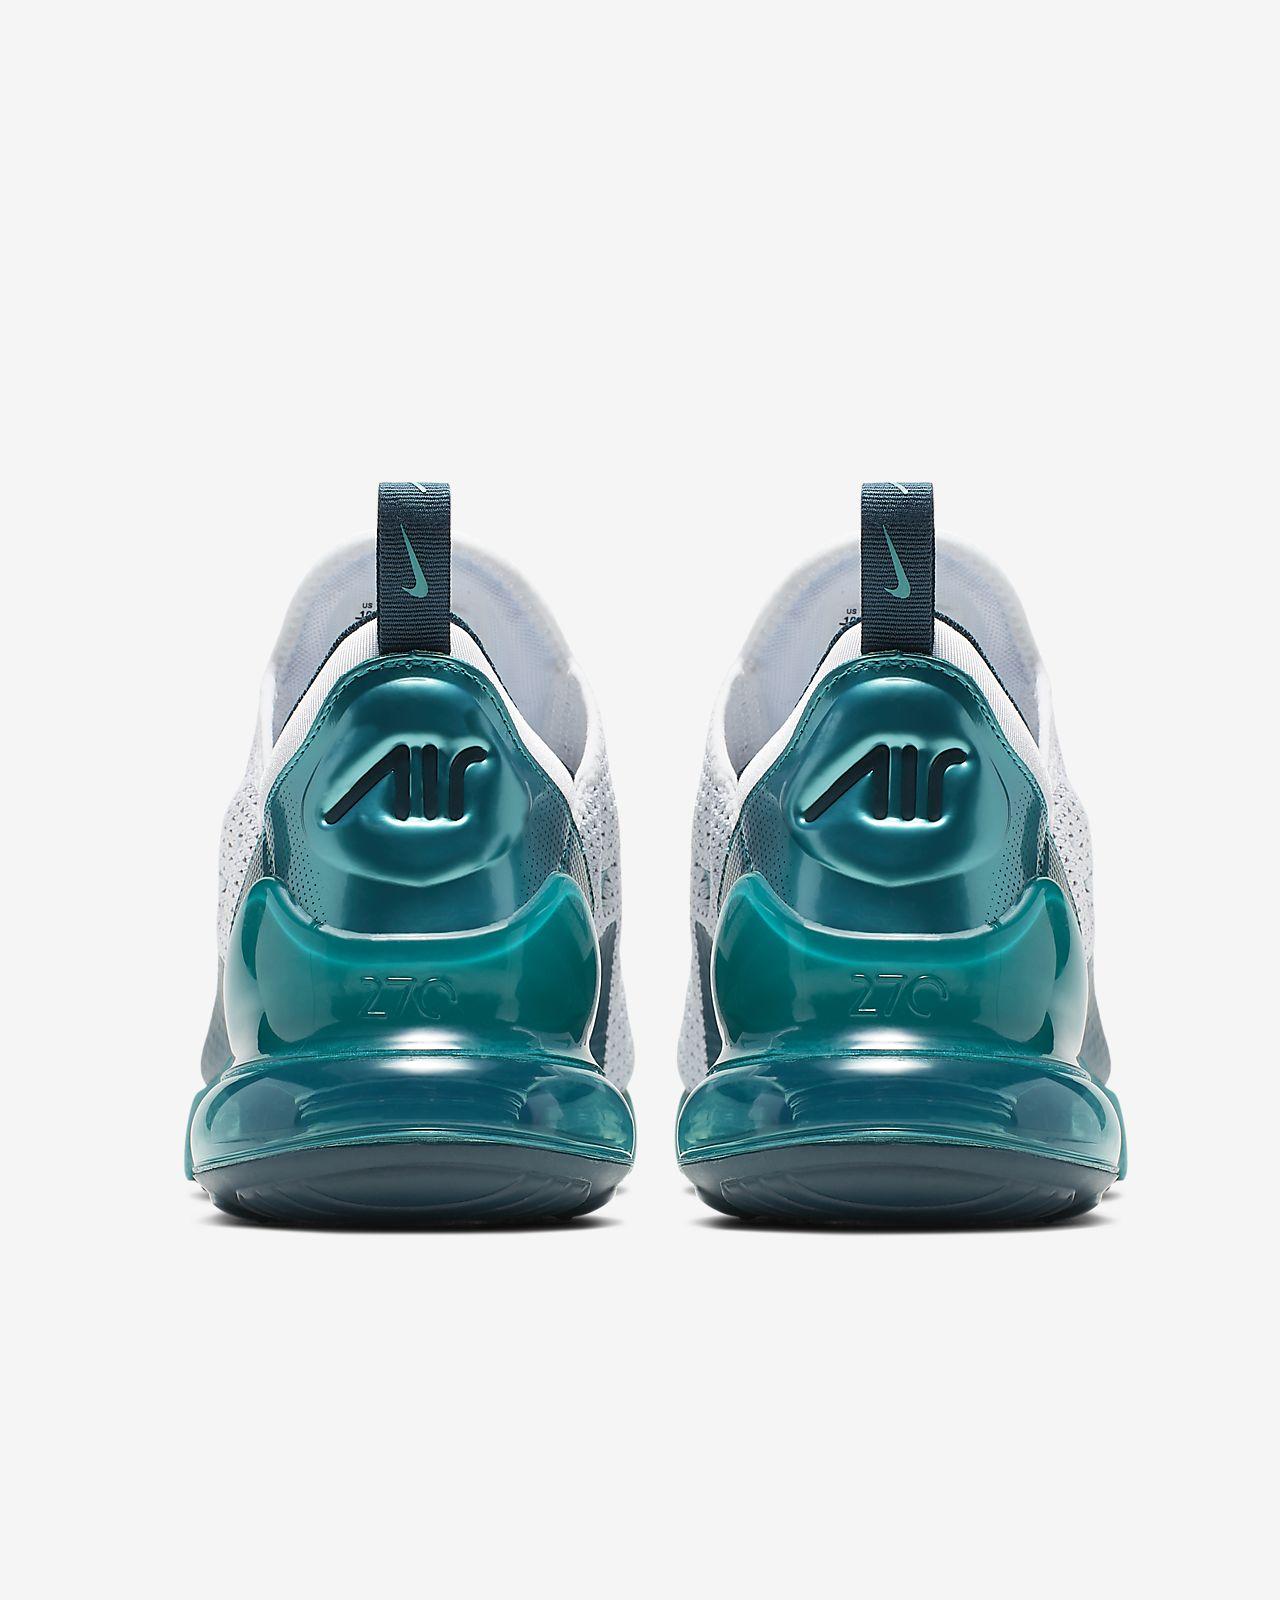 detailed look 65cda 3f476 Nike Air Max 270 SE Men's Shoe